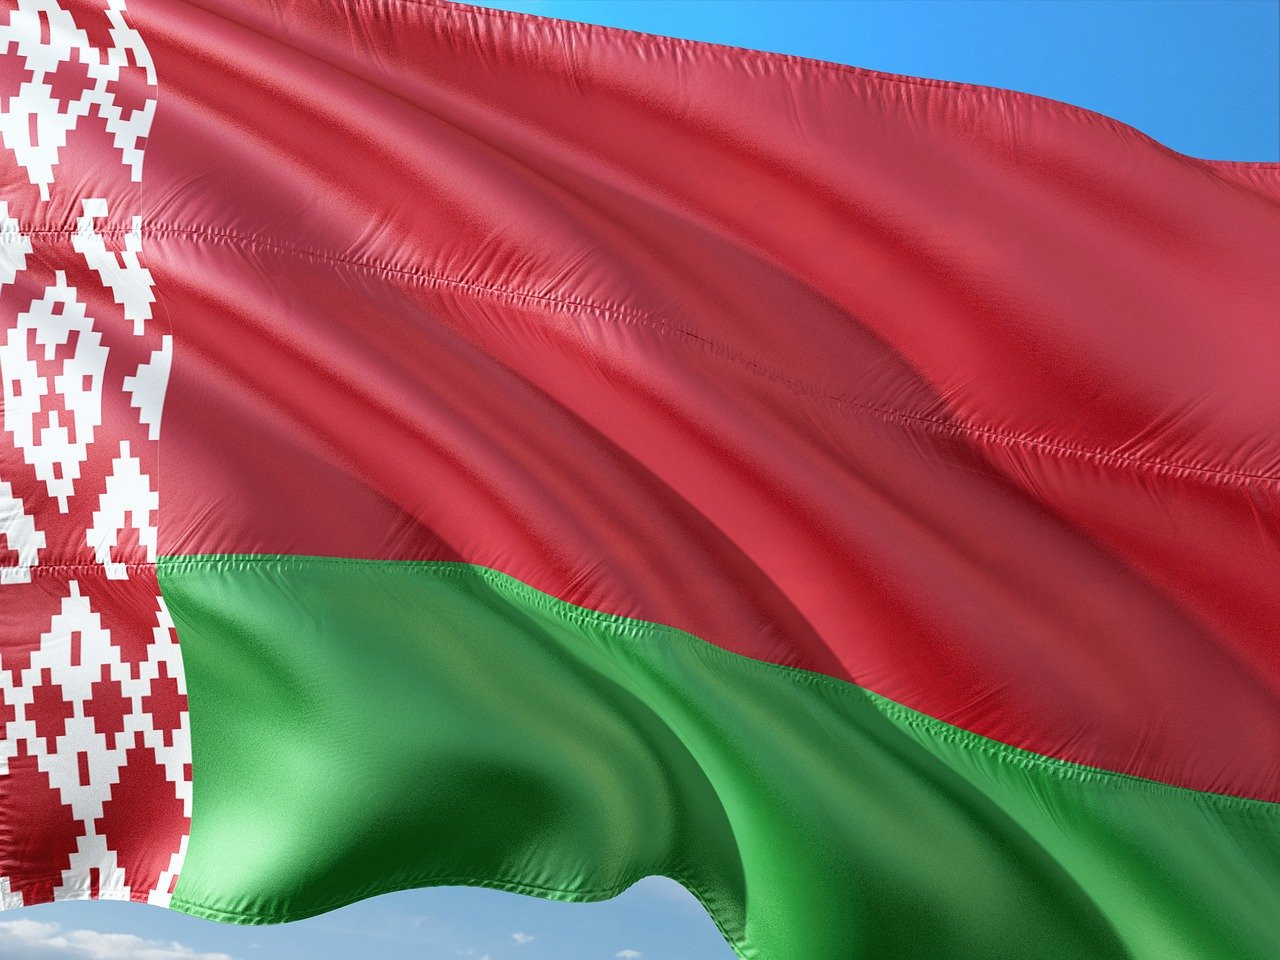 Евросоюз анонсировал введение санкций против Белоруссии